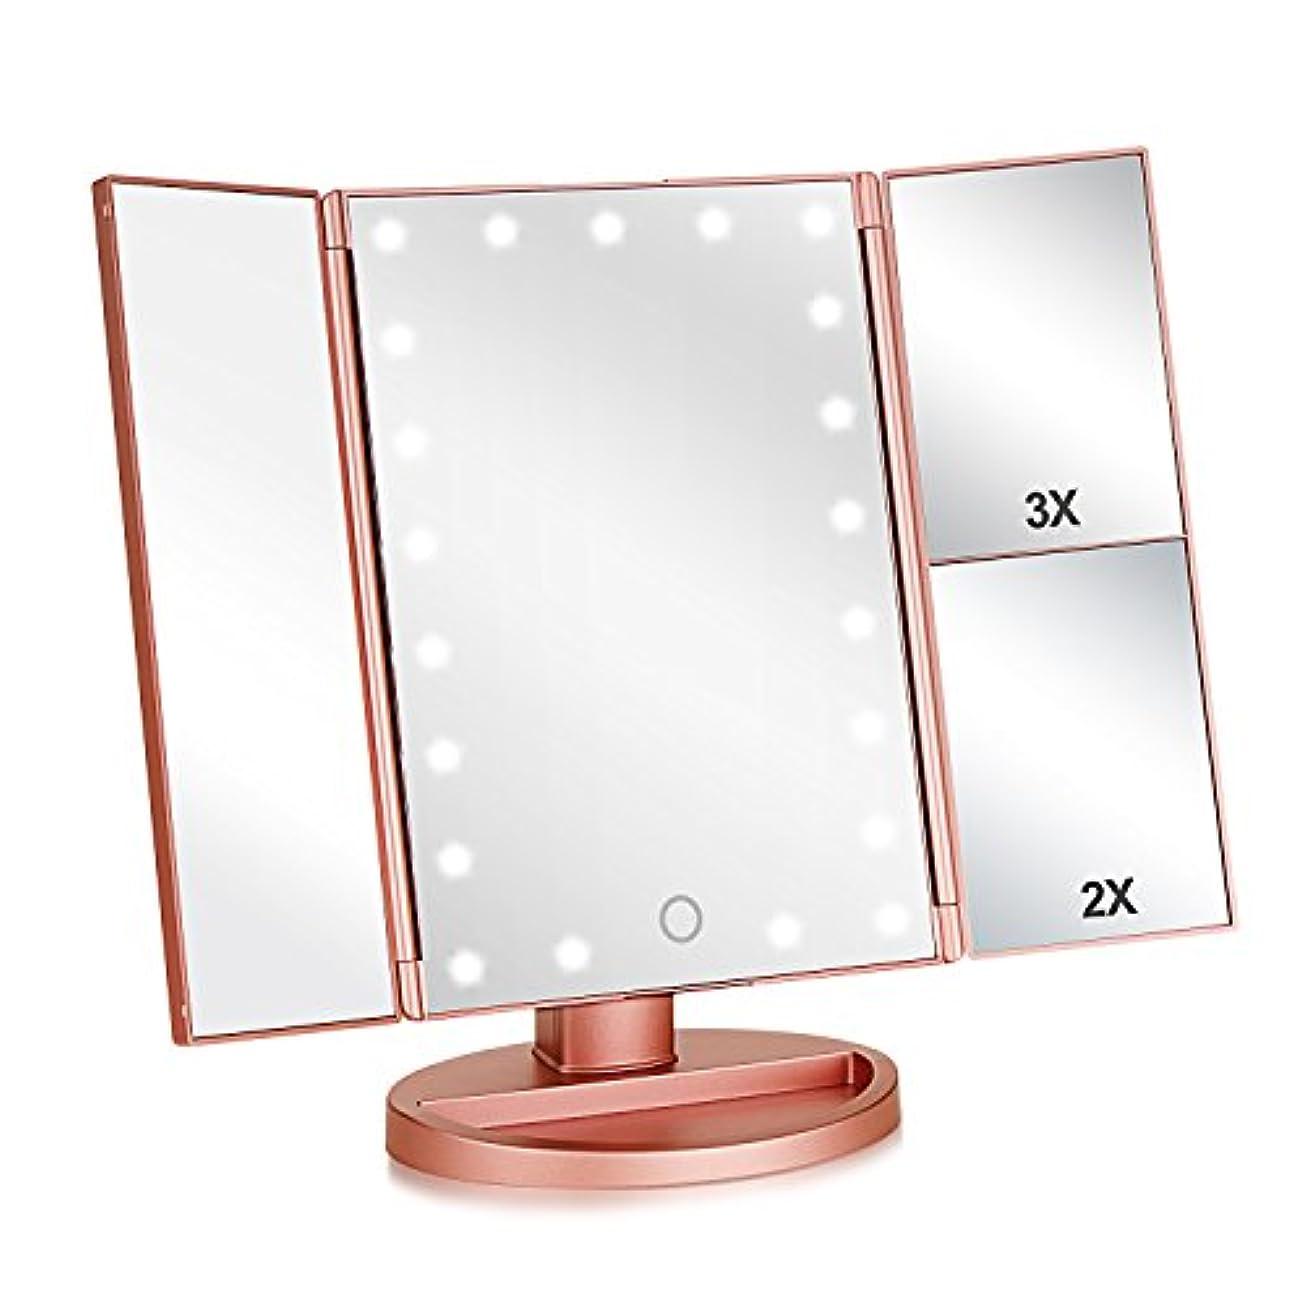 ダニ従事した原油Wudeweike 3倍/ 2倍/ 1倍 倍率21leds光とタッチスクリーン180度自由に回転カウンター化粧鏡トラベル化粧鏡と照明付き洗面化粧台化粧鏡を三つ折り ローズゴールド